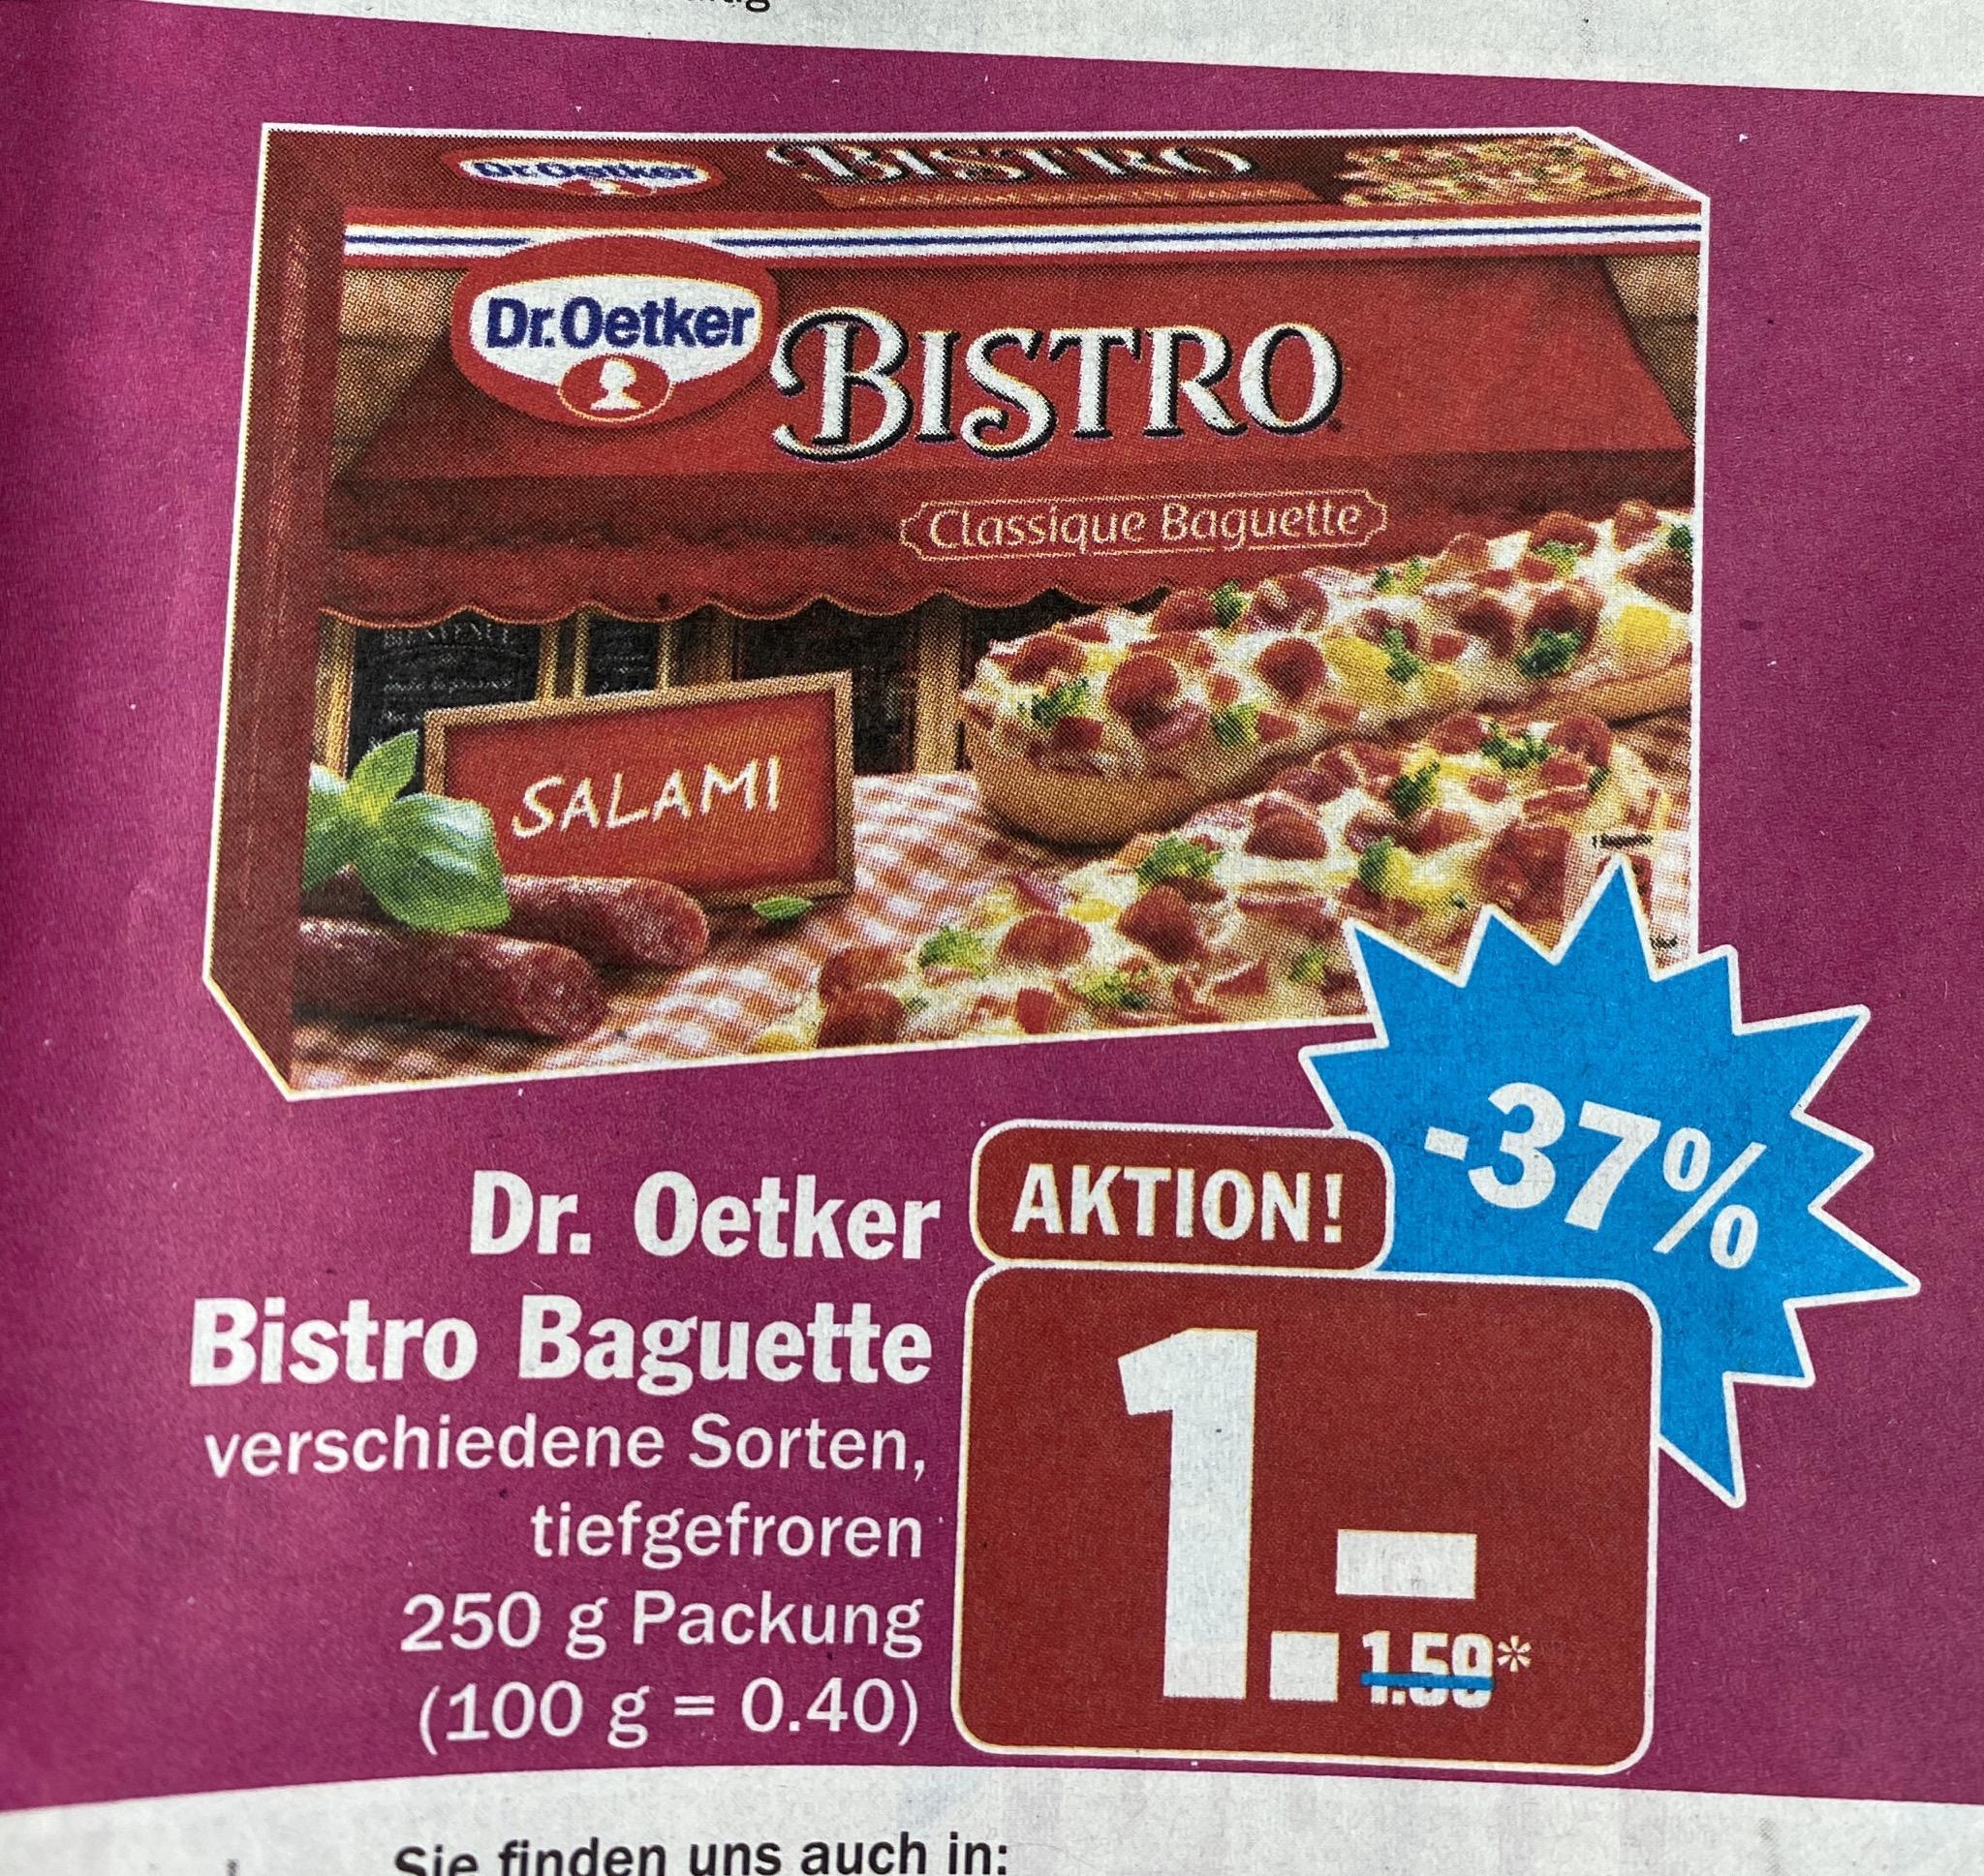 Dr. Oetker Bistro Baguette bei Hit für 1€